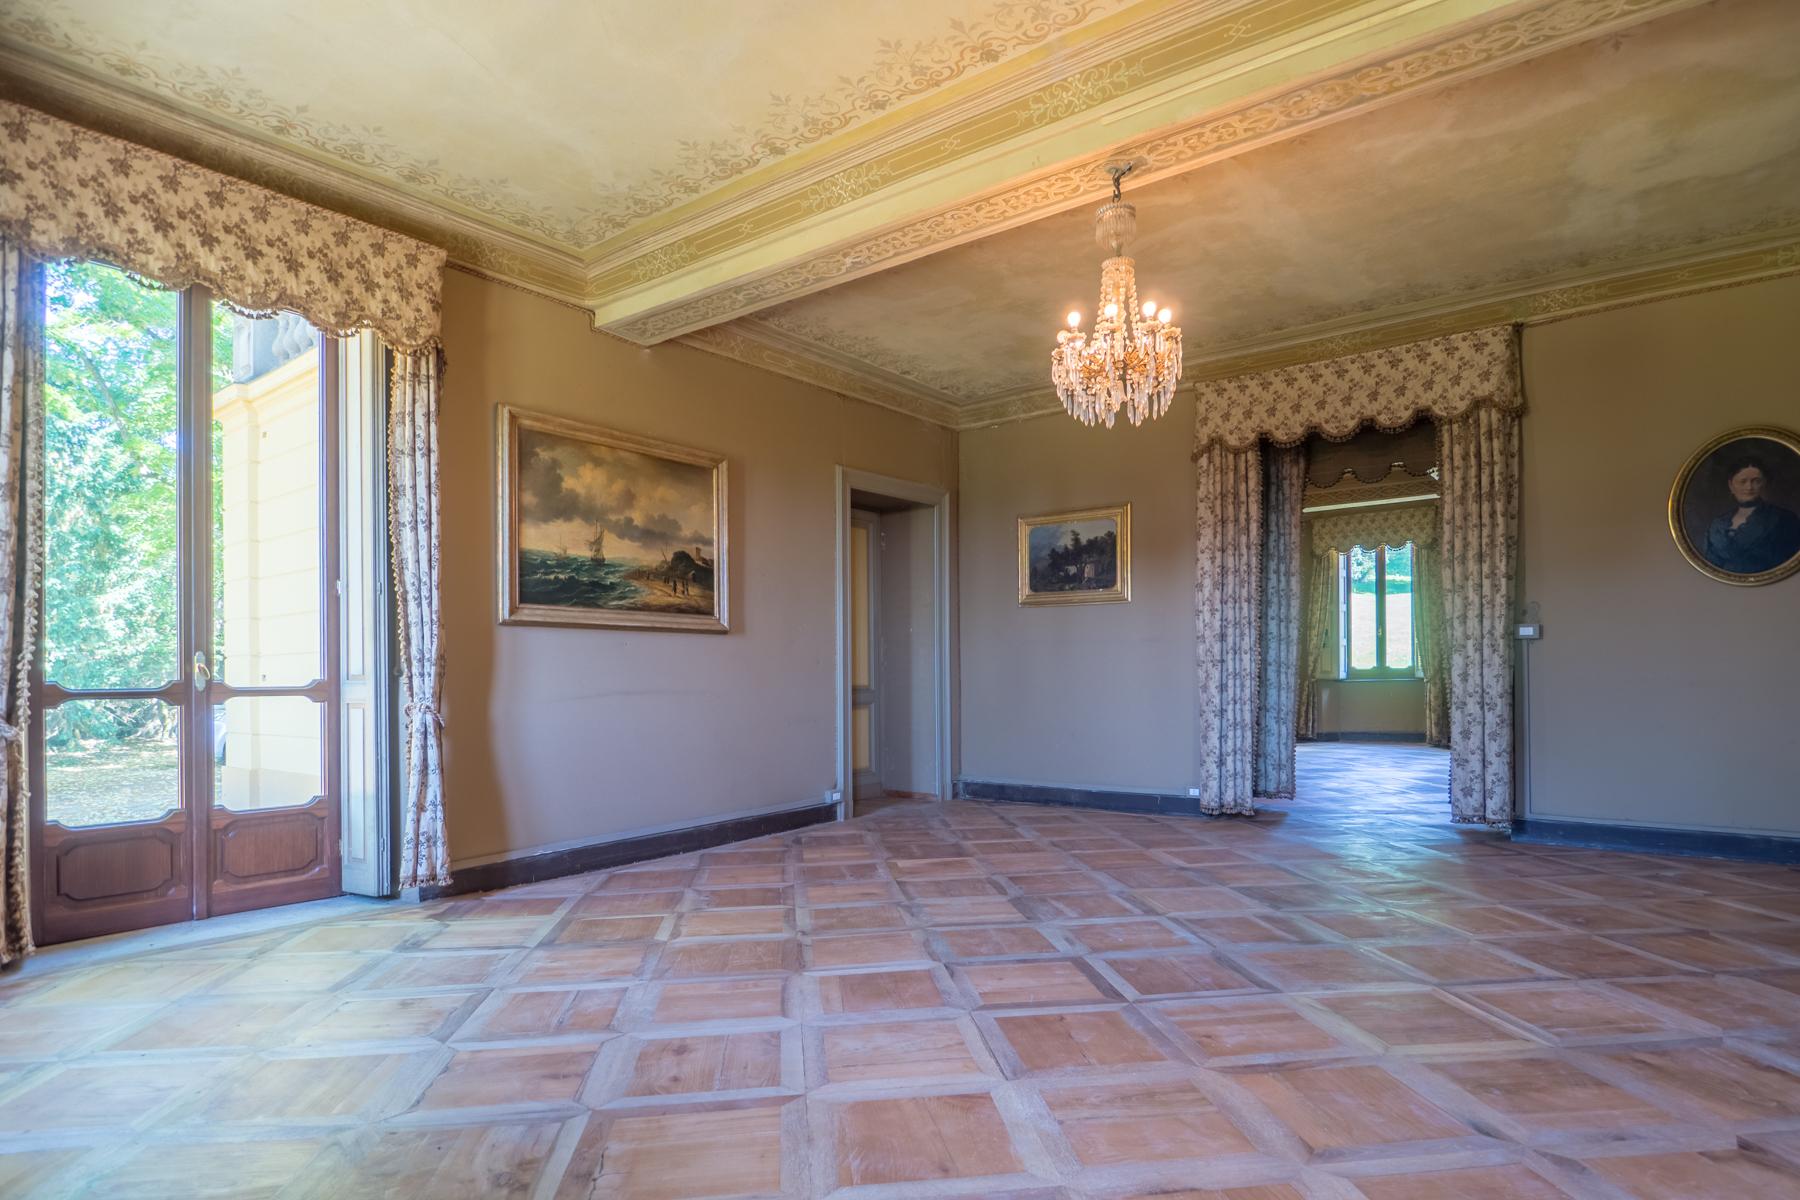 Villa in Affitto a Moncalieri: 5 locali, 983 mq - Foto 4